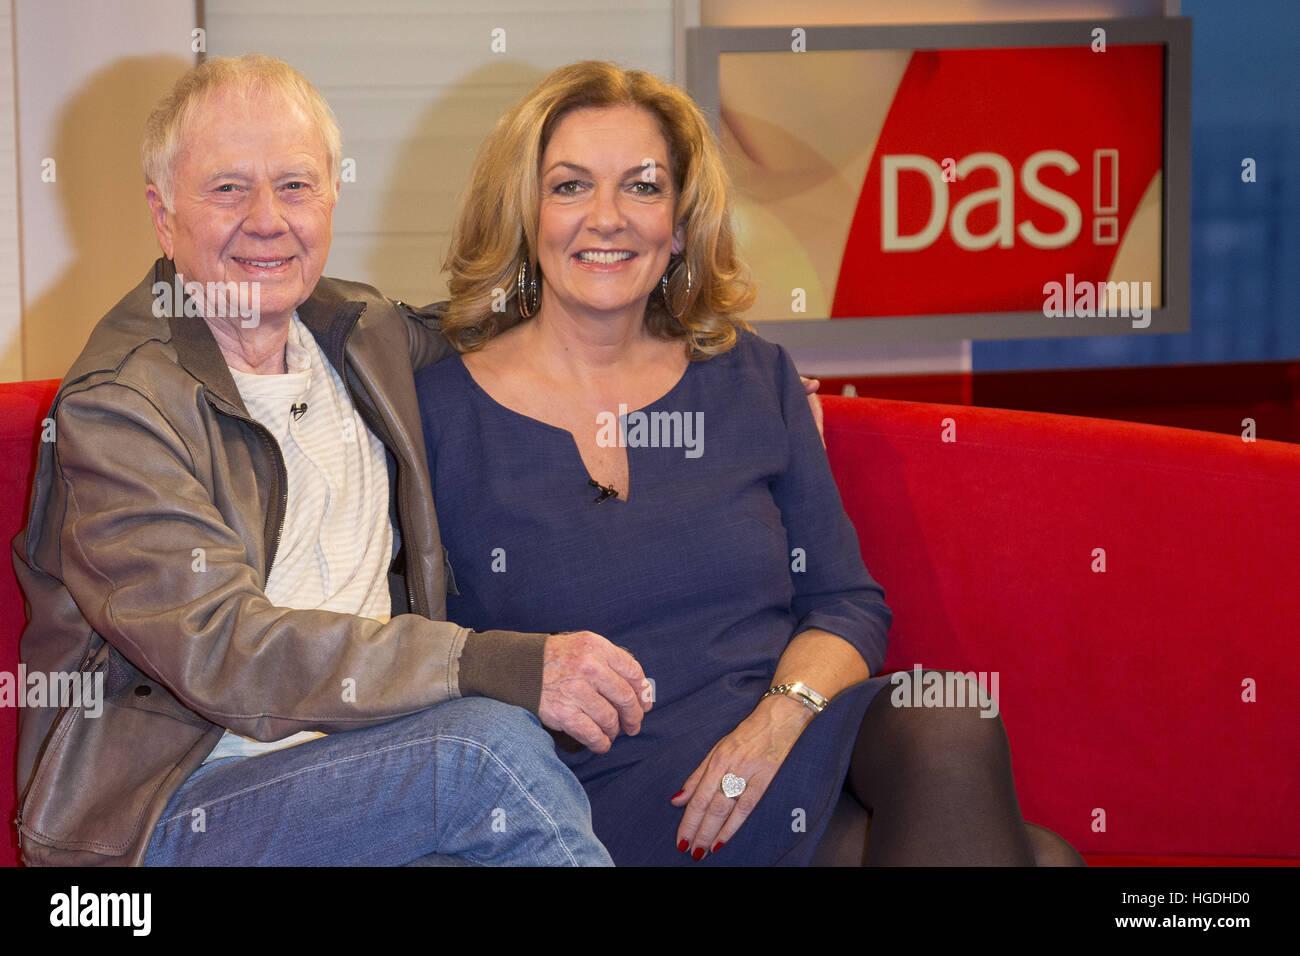 Wolfgang Petersen Teilnahme An Dem Roten Sofa Bei Das Ndr Studio